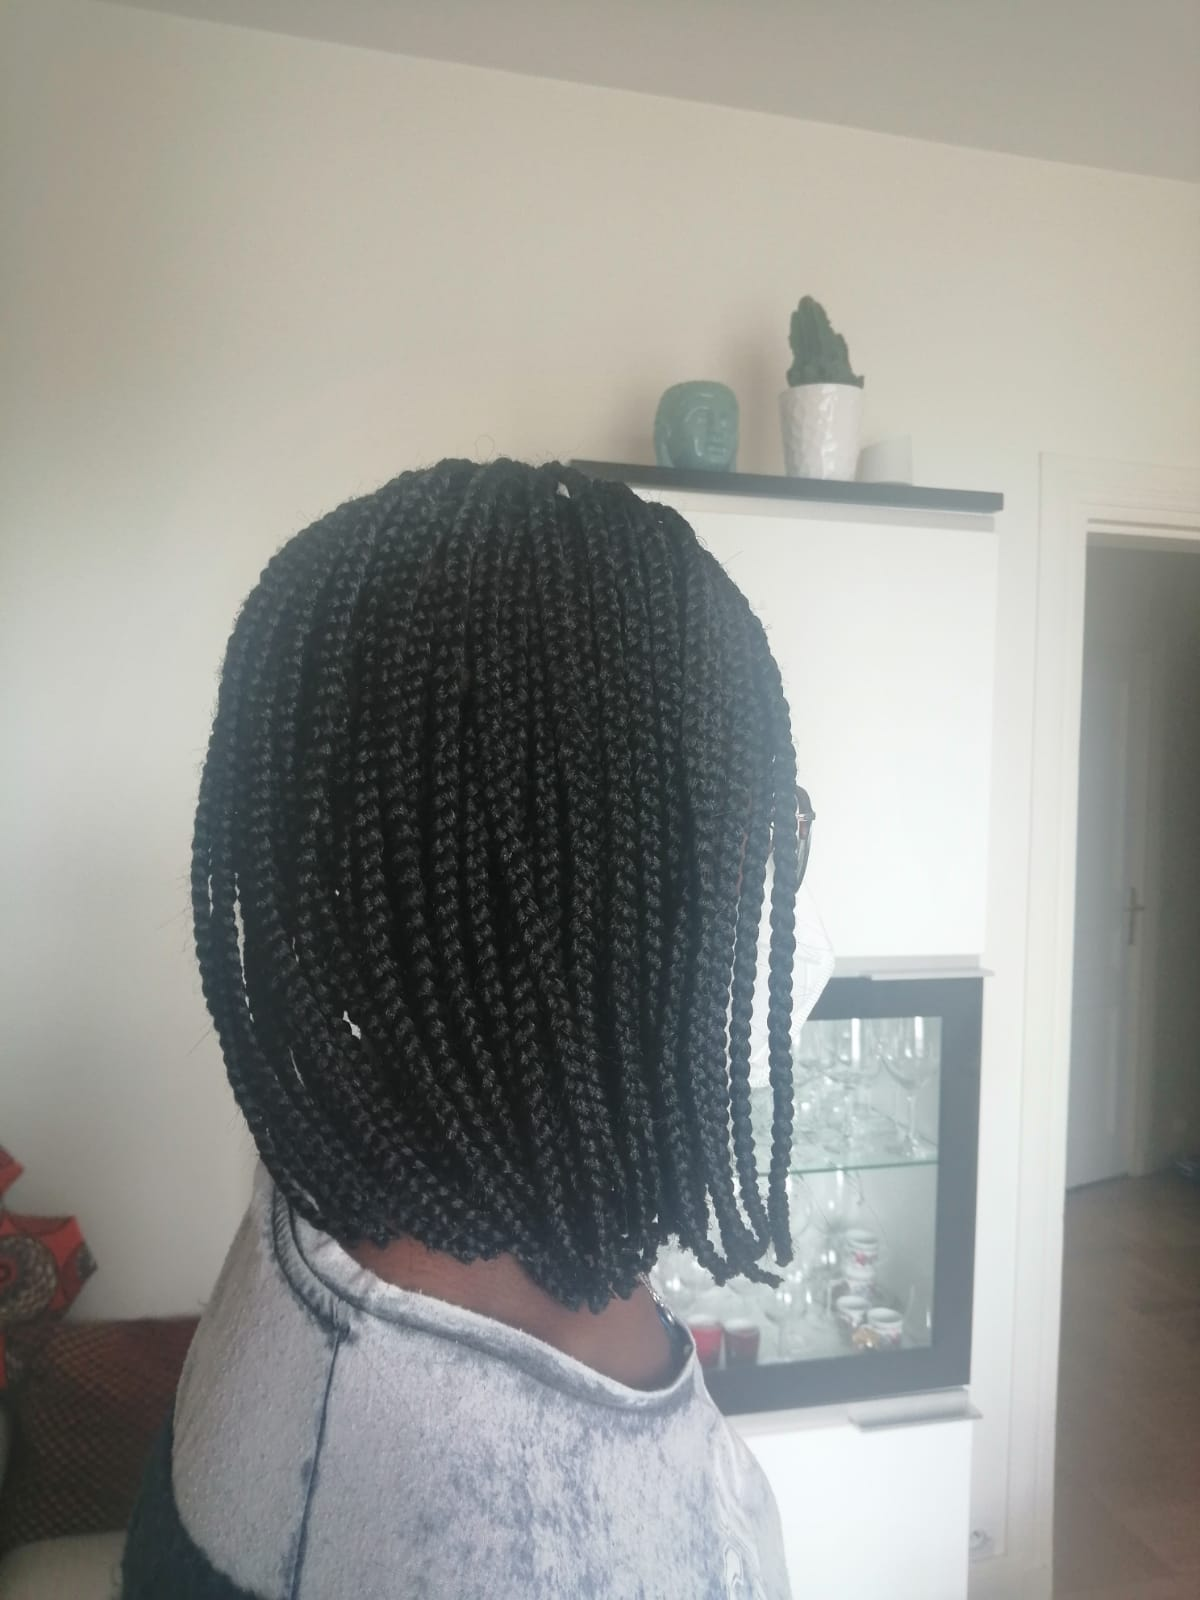 salon de coiffure afro tresse tresses box braids crochet braids vanilles tissages paris 75 77 78 91 92 93 94 95 NJOQIZAY